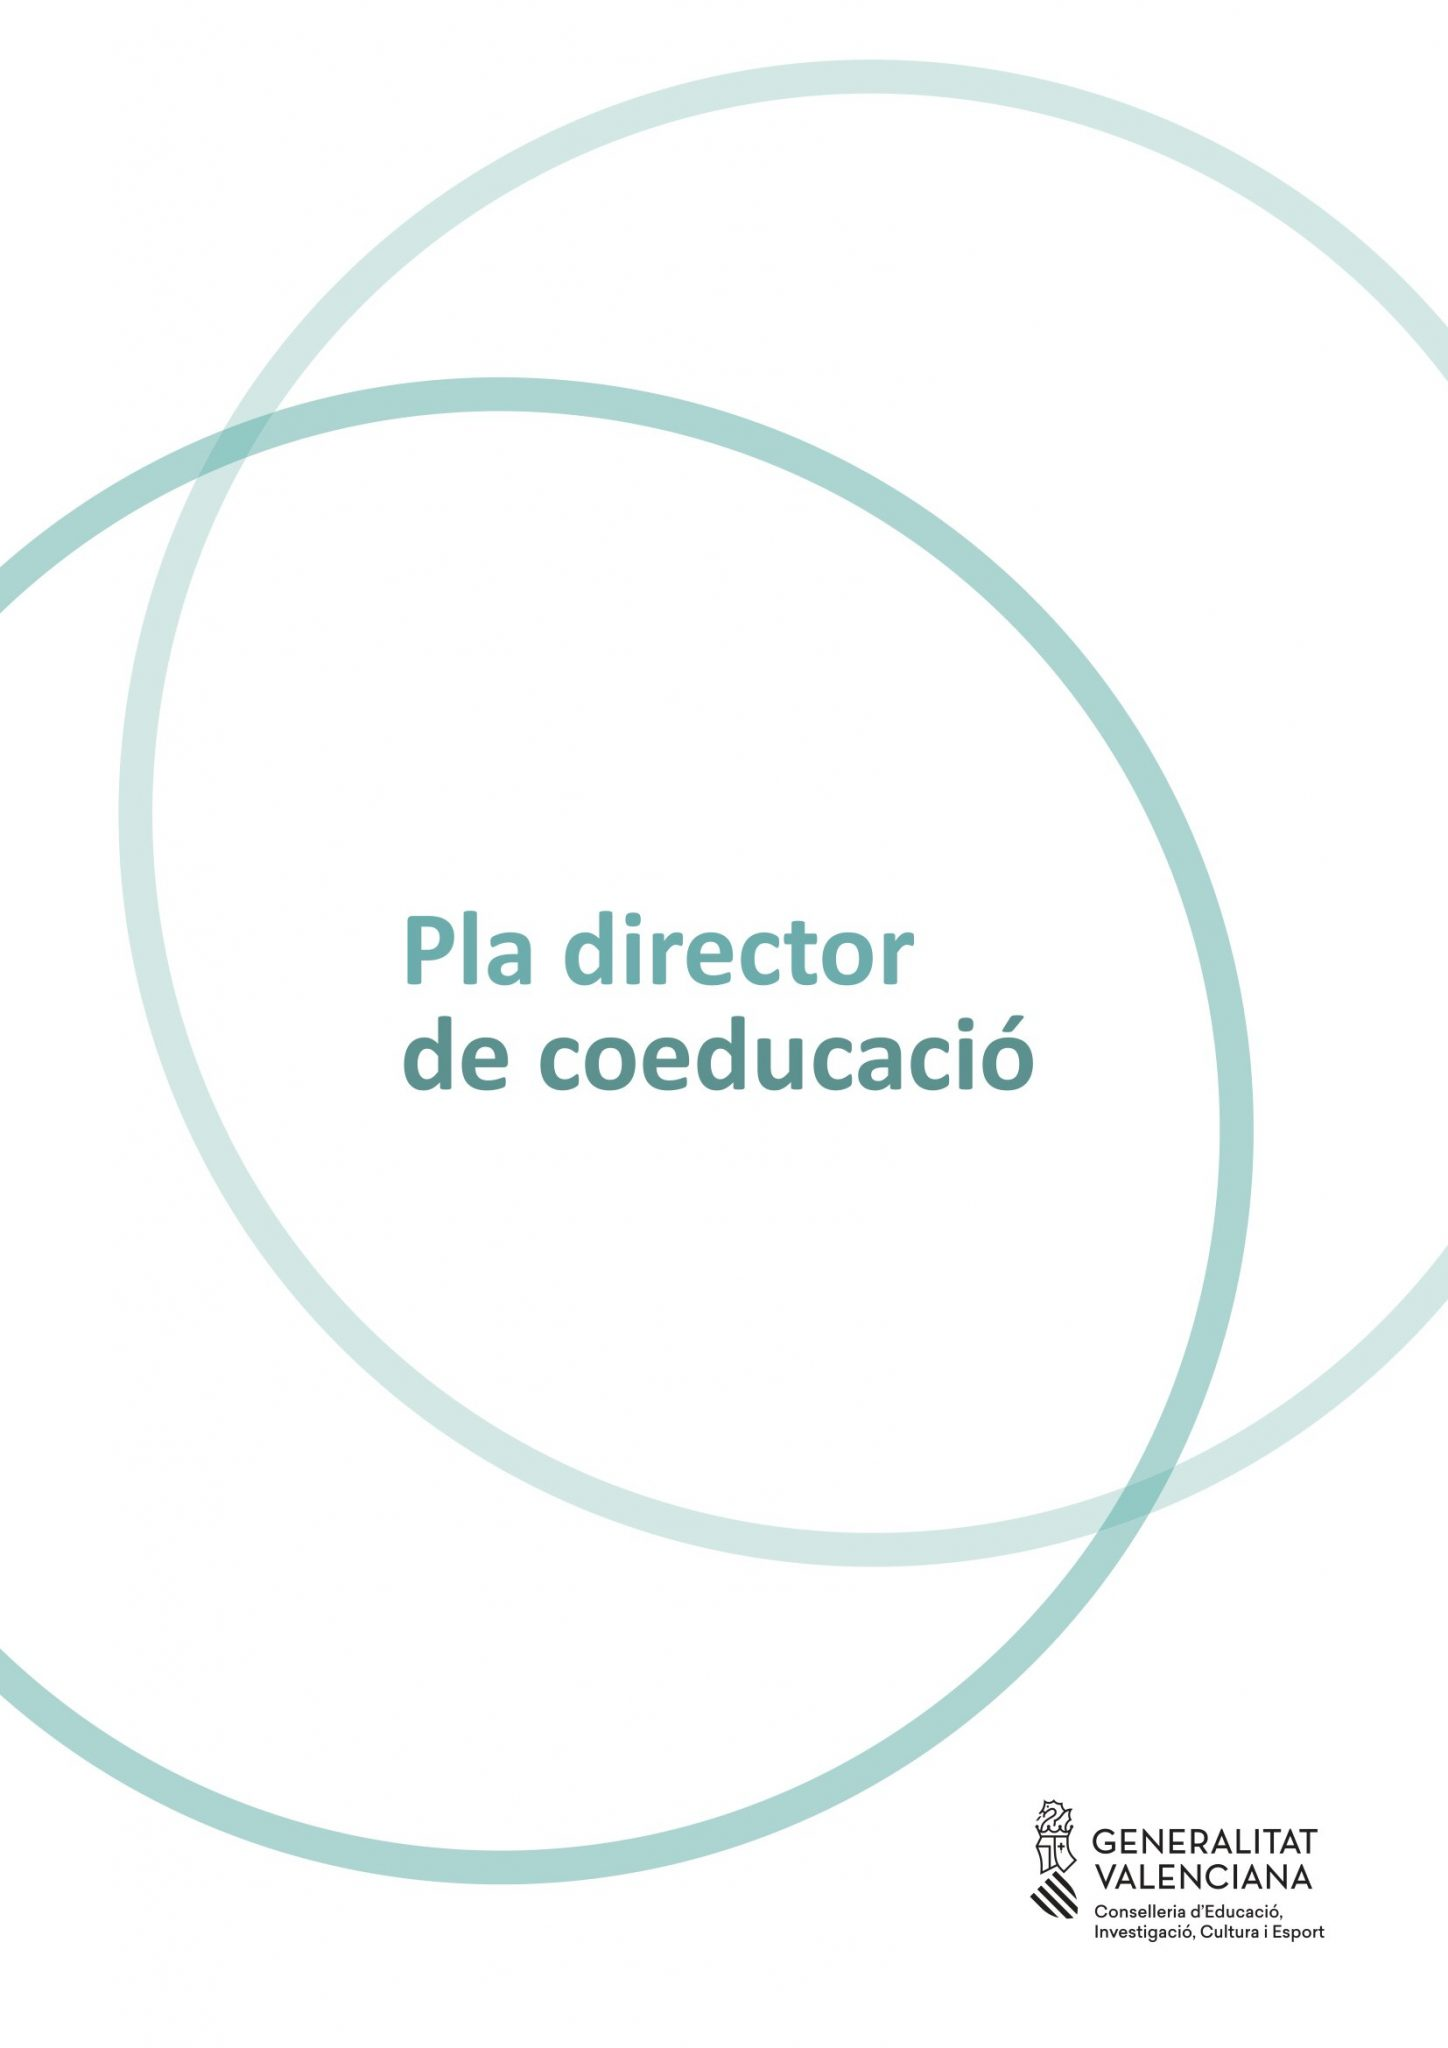 Pla Director de Coeducació